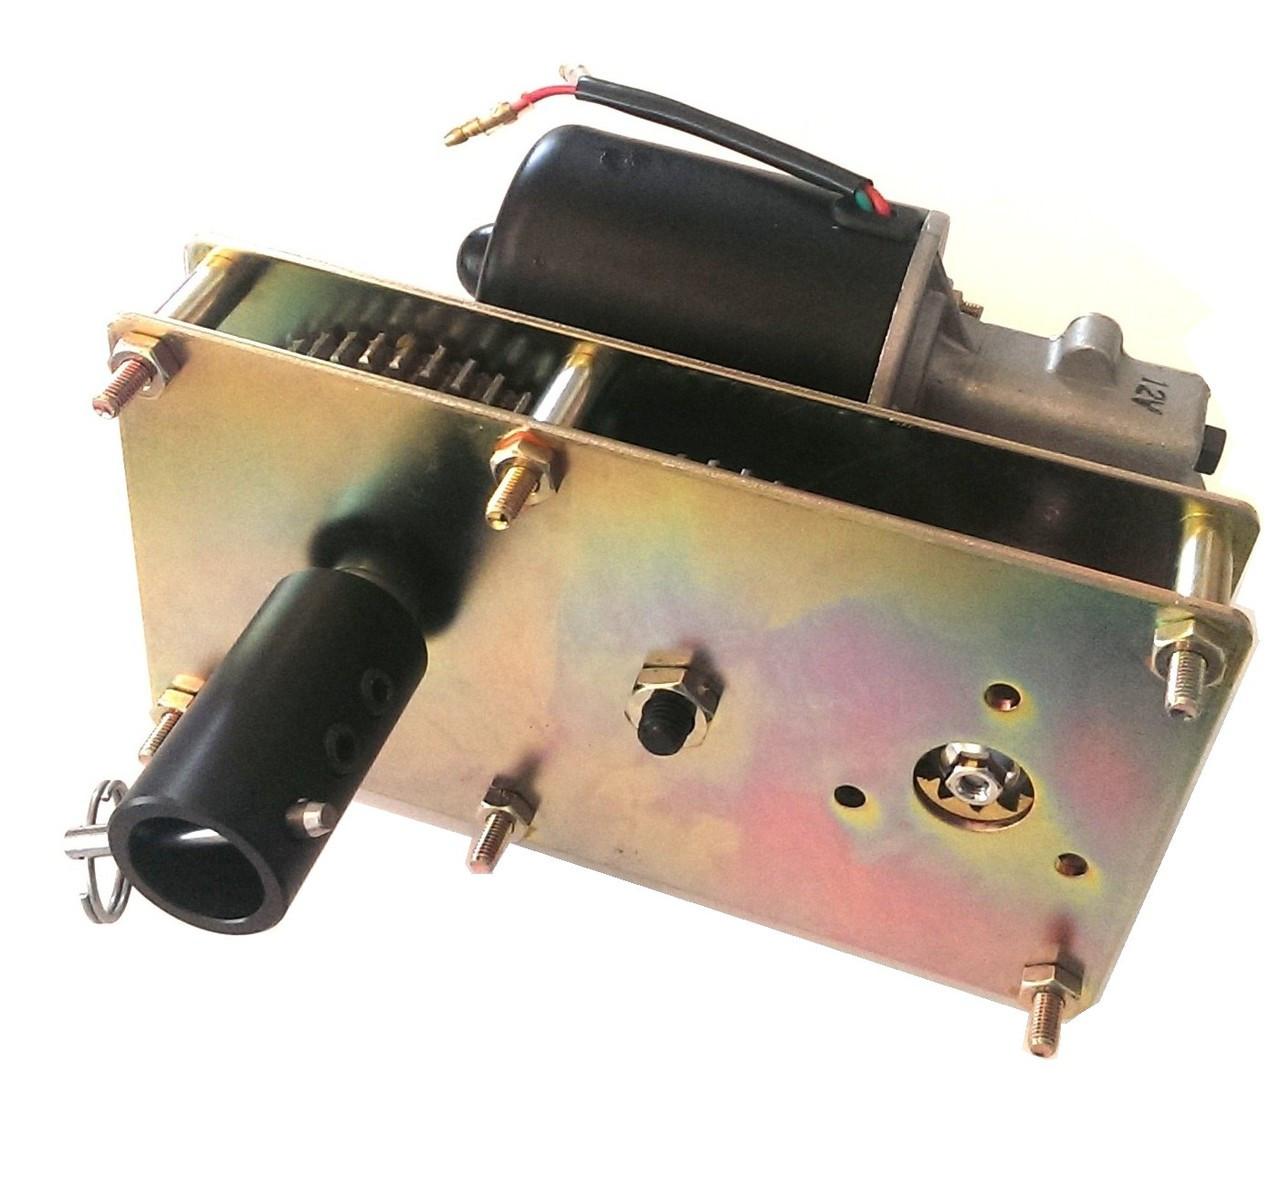 Graupner 2400 Ruderhebel f/ür 3 mm Wellen